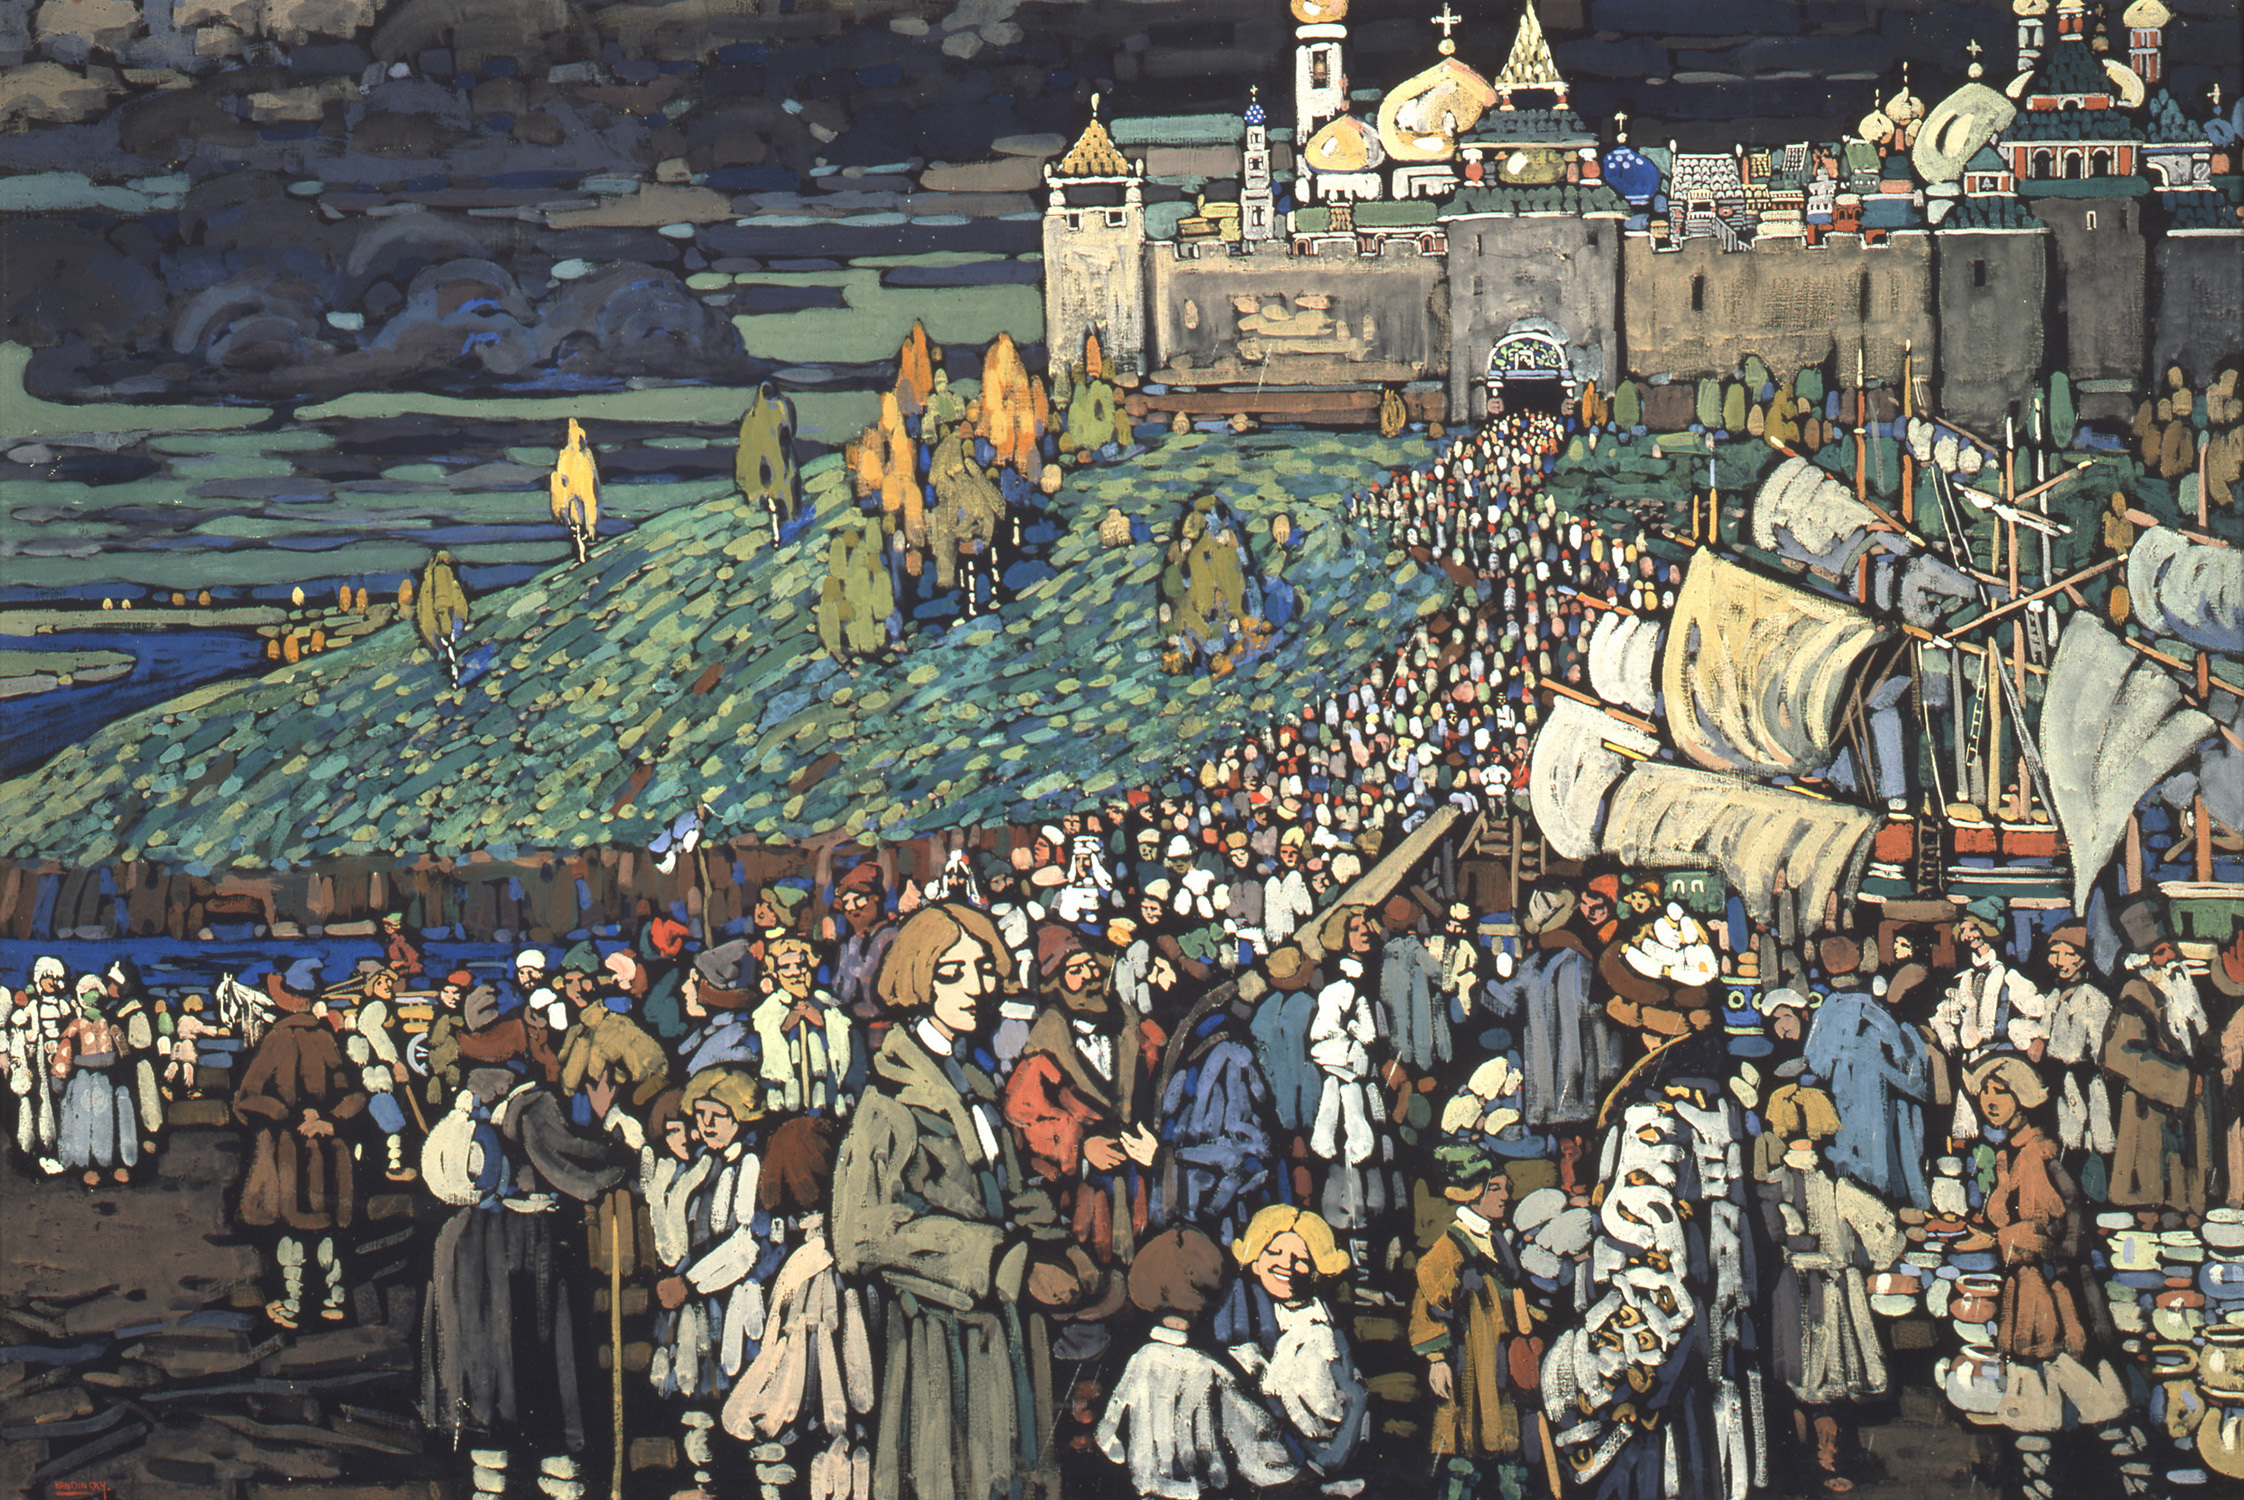 ヴァシリー・カンディンスキー《商人たちの到着》1905年 宮城県美術館蔵